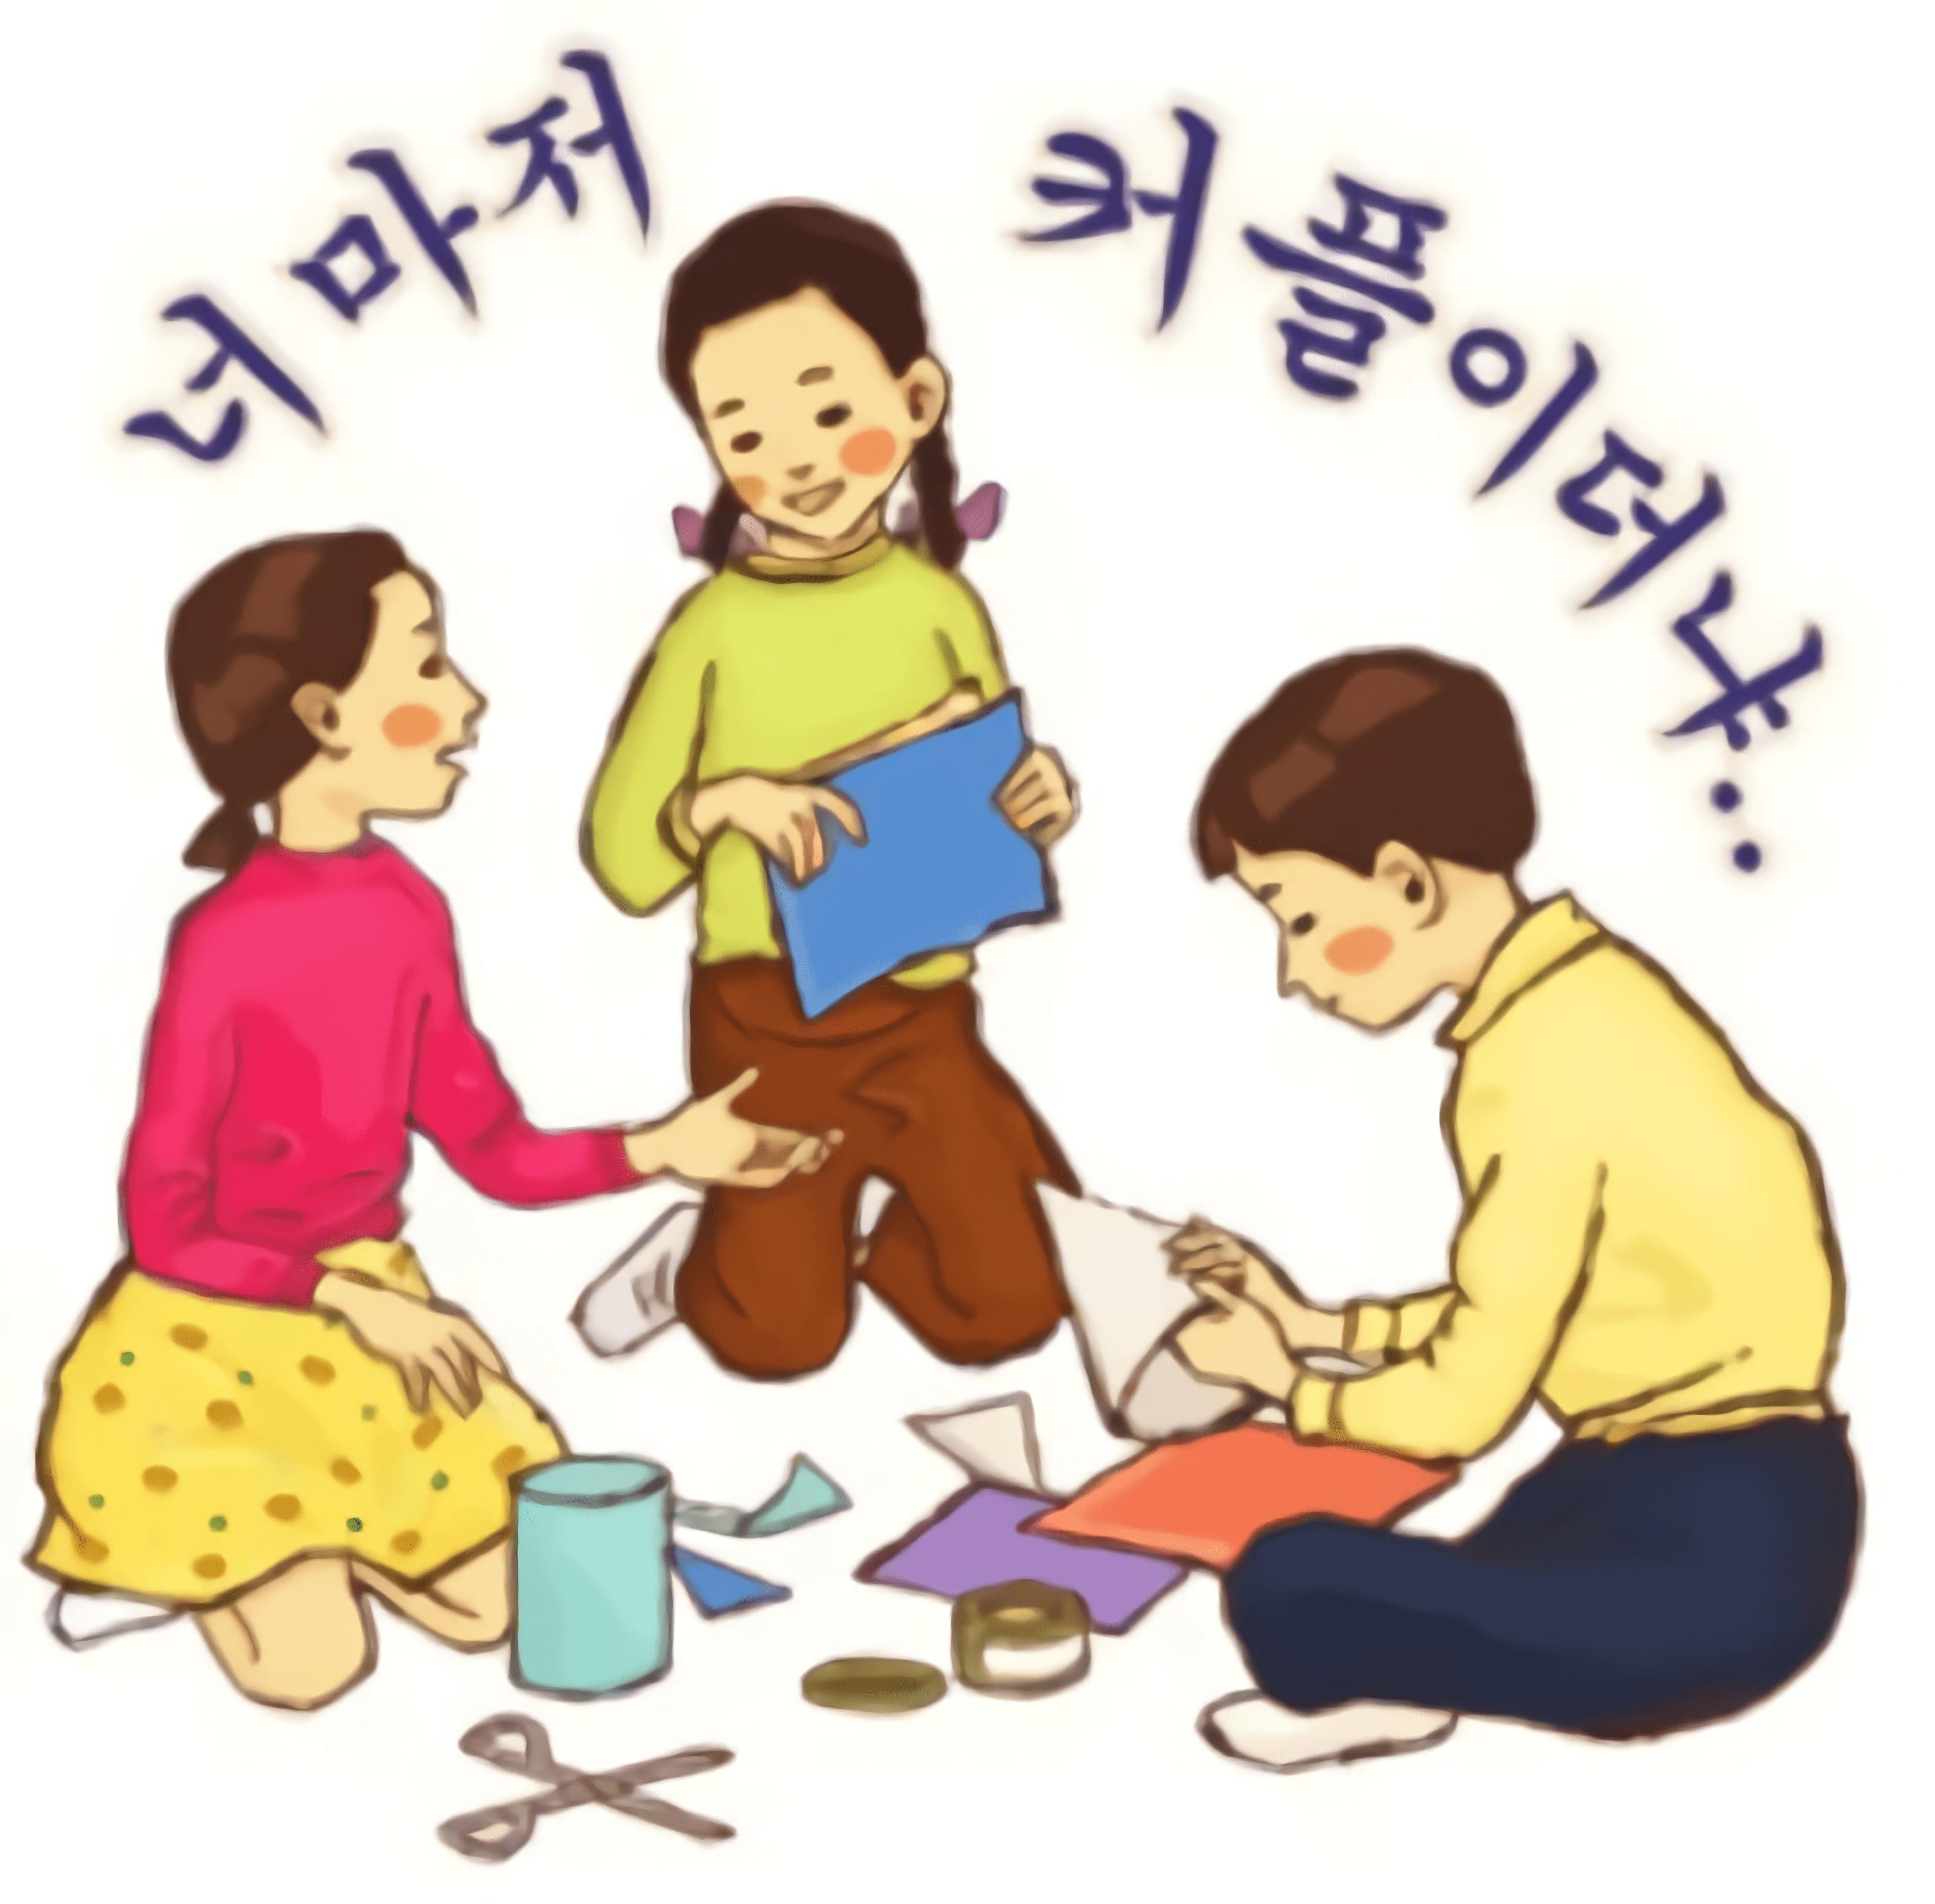 액션/스릴러/개그 장르별 세부 취향 웹툰 검색